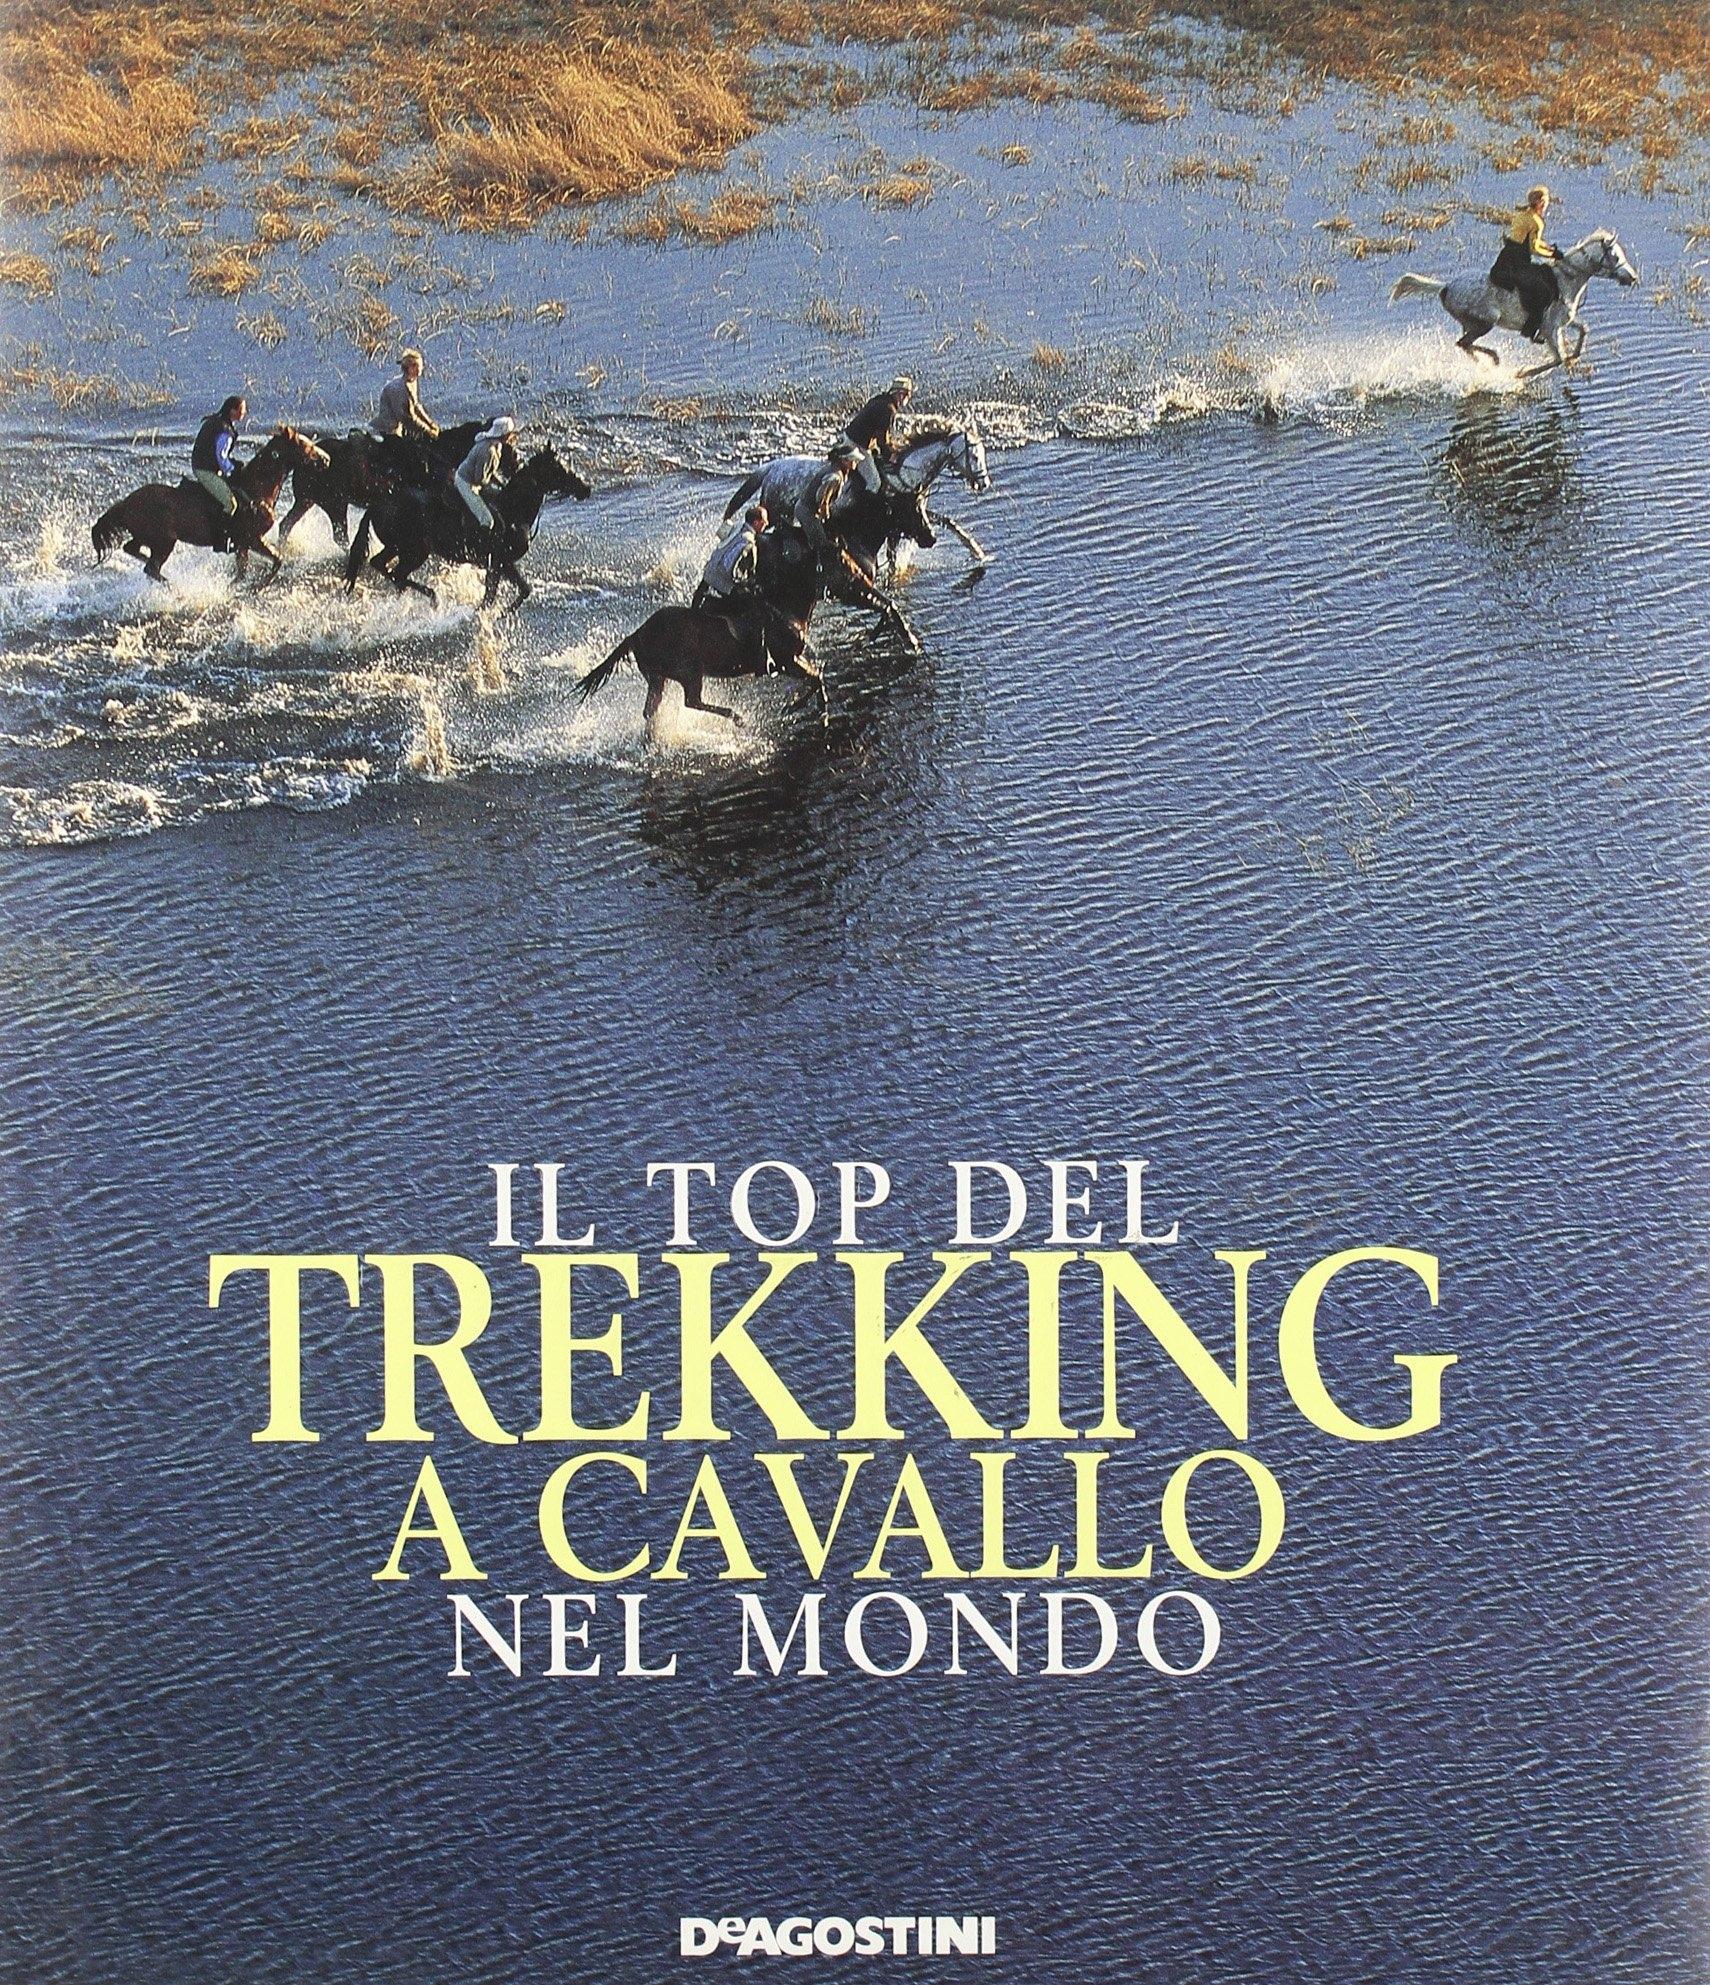 Il top del trekking a cavallo nel mondo.